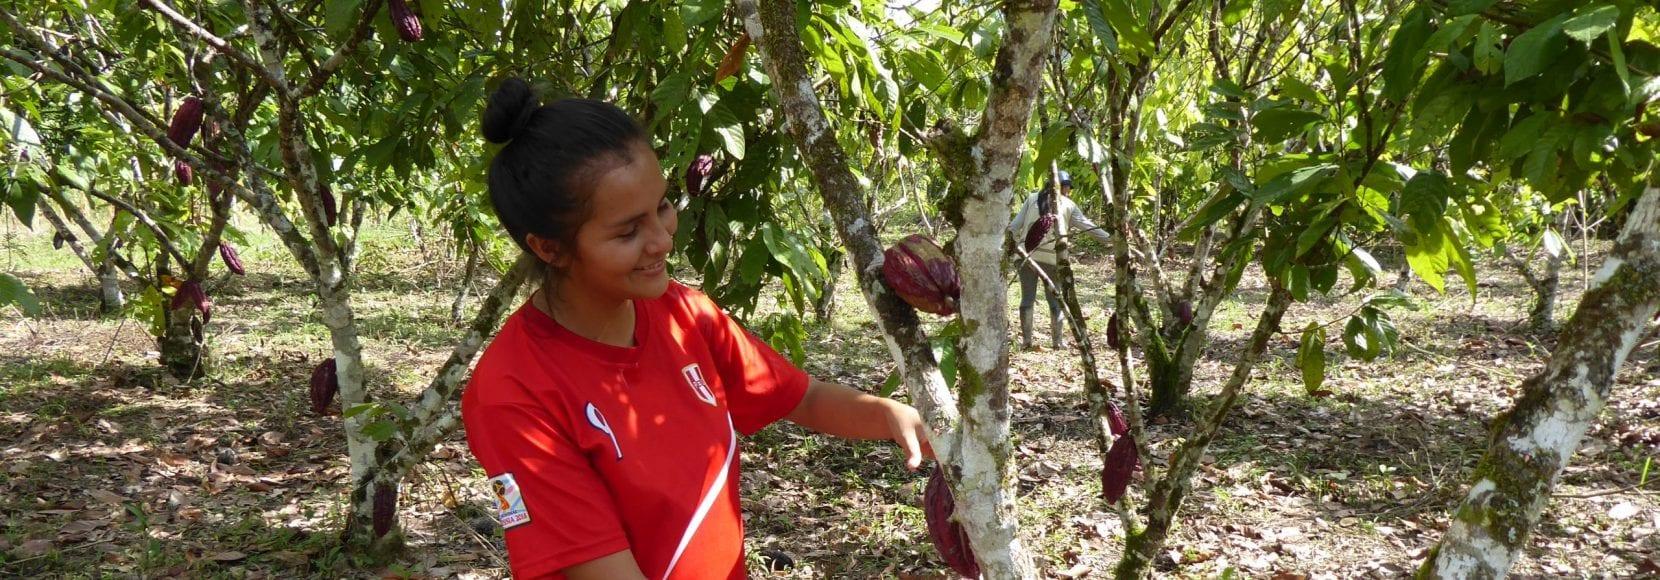 Dara Obispo, cocoa farmer